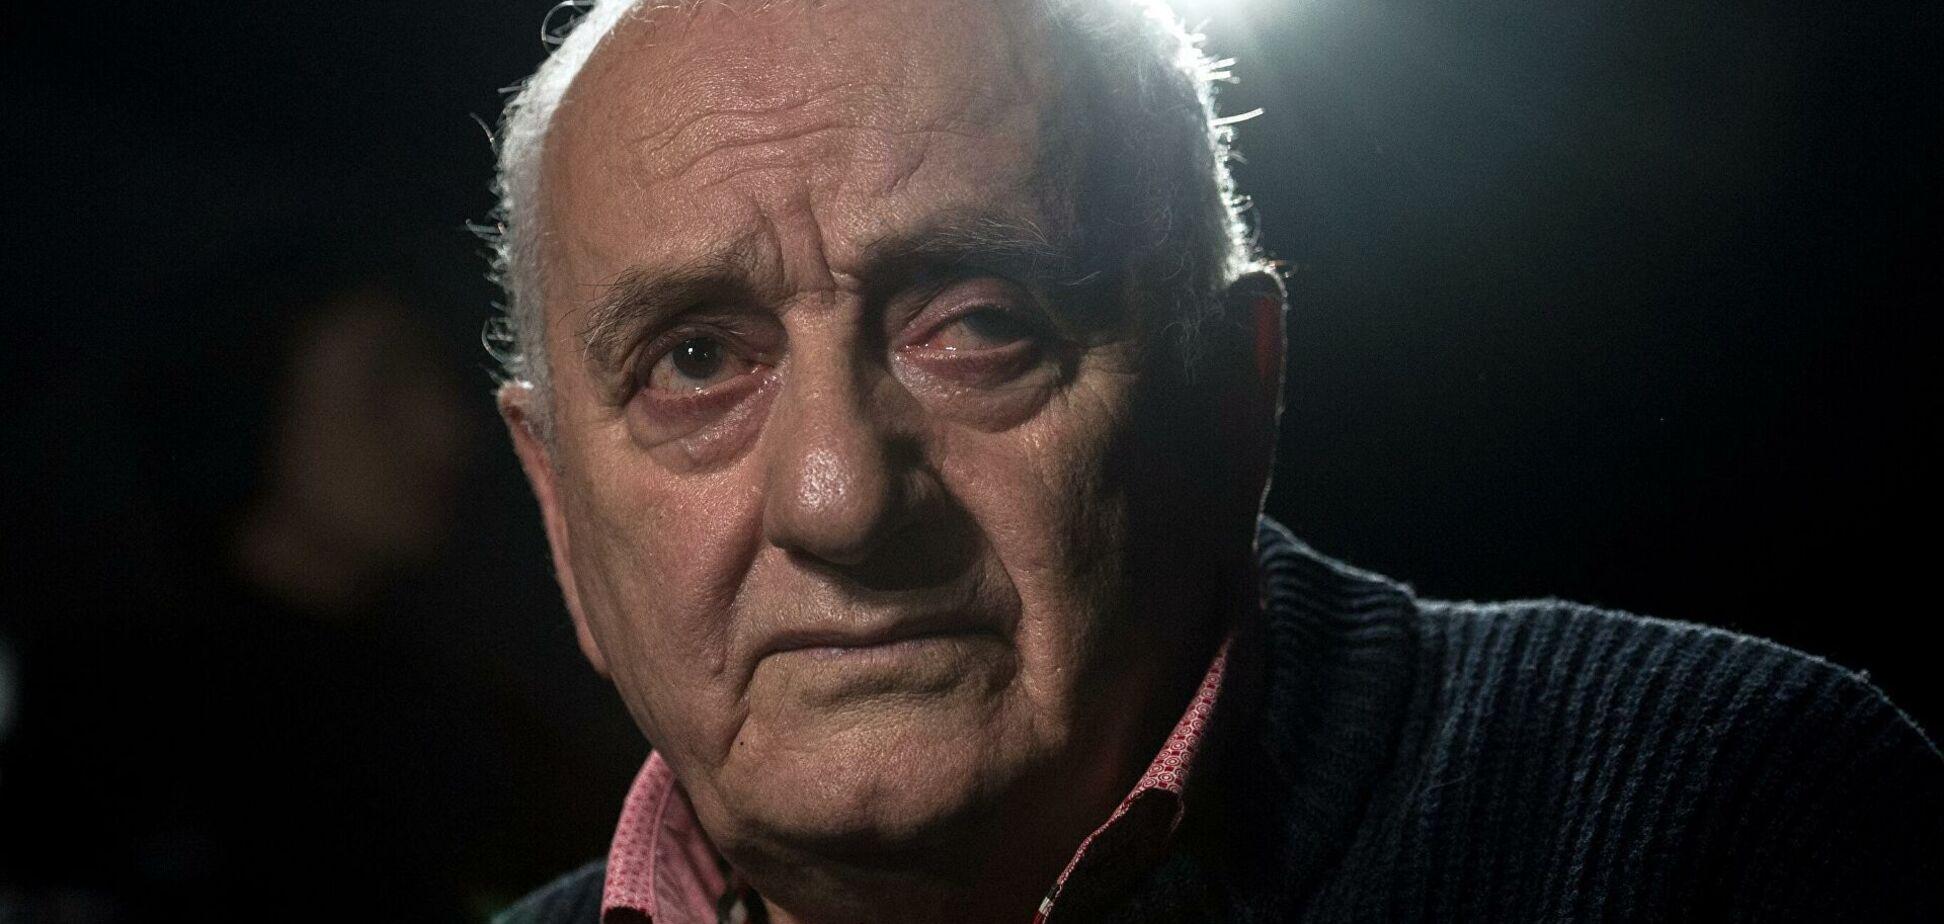 У Грузії помер сценарист 'Кін-дза-дза!' і 'Міміно' Резо Габріадзе